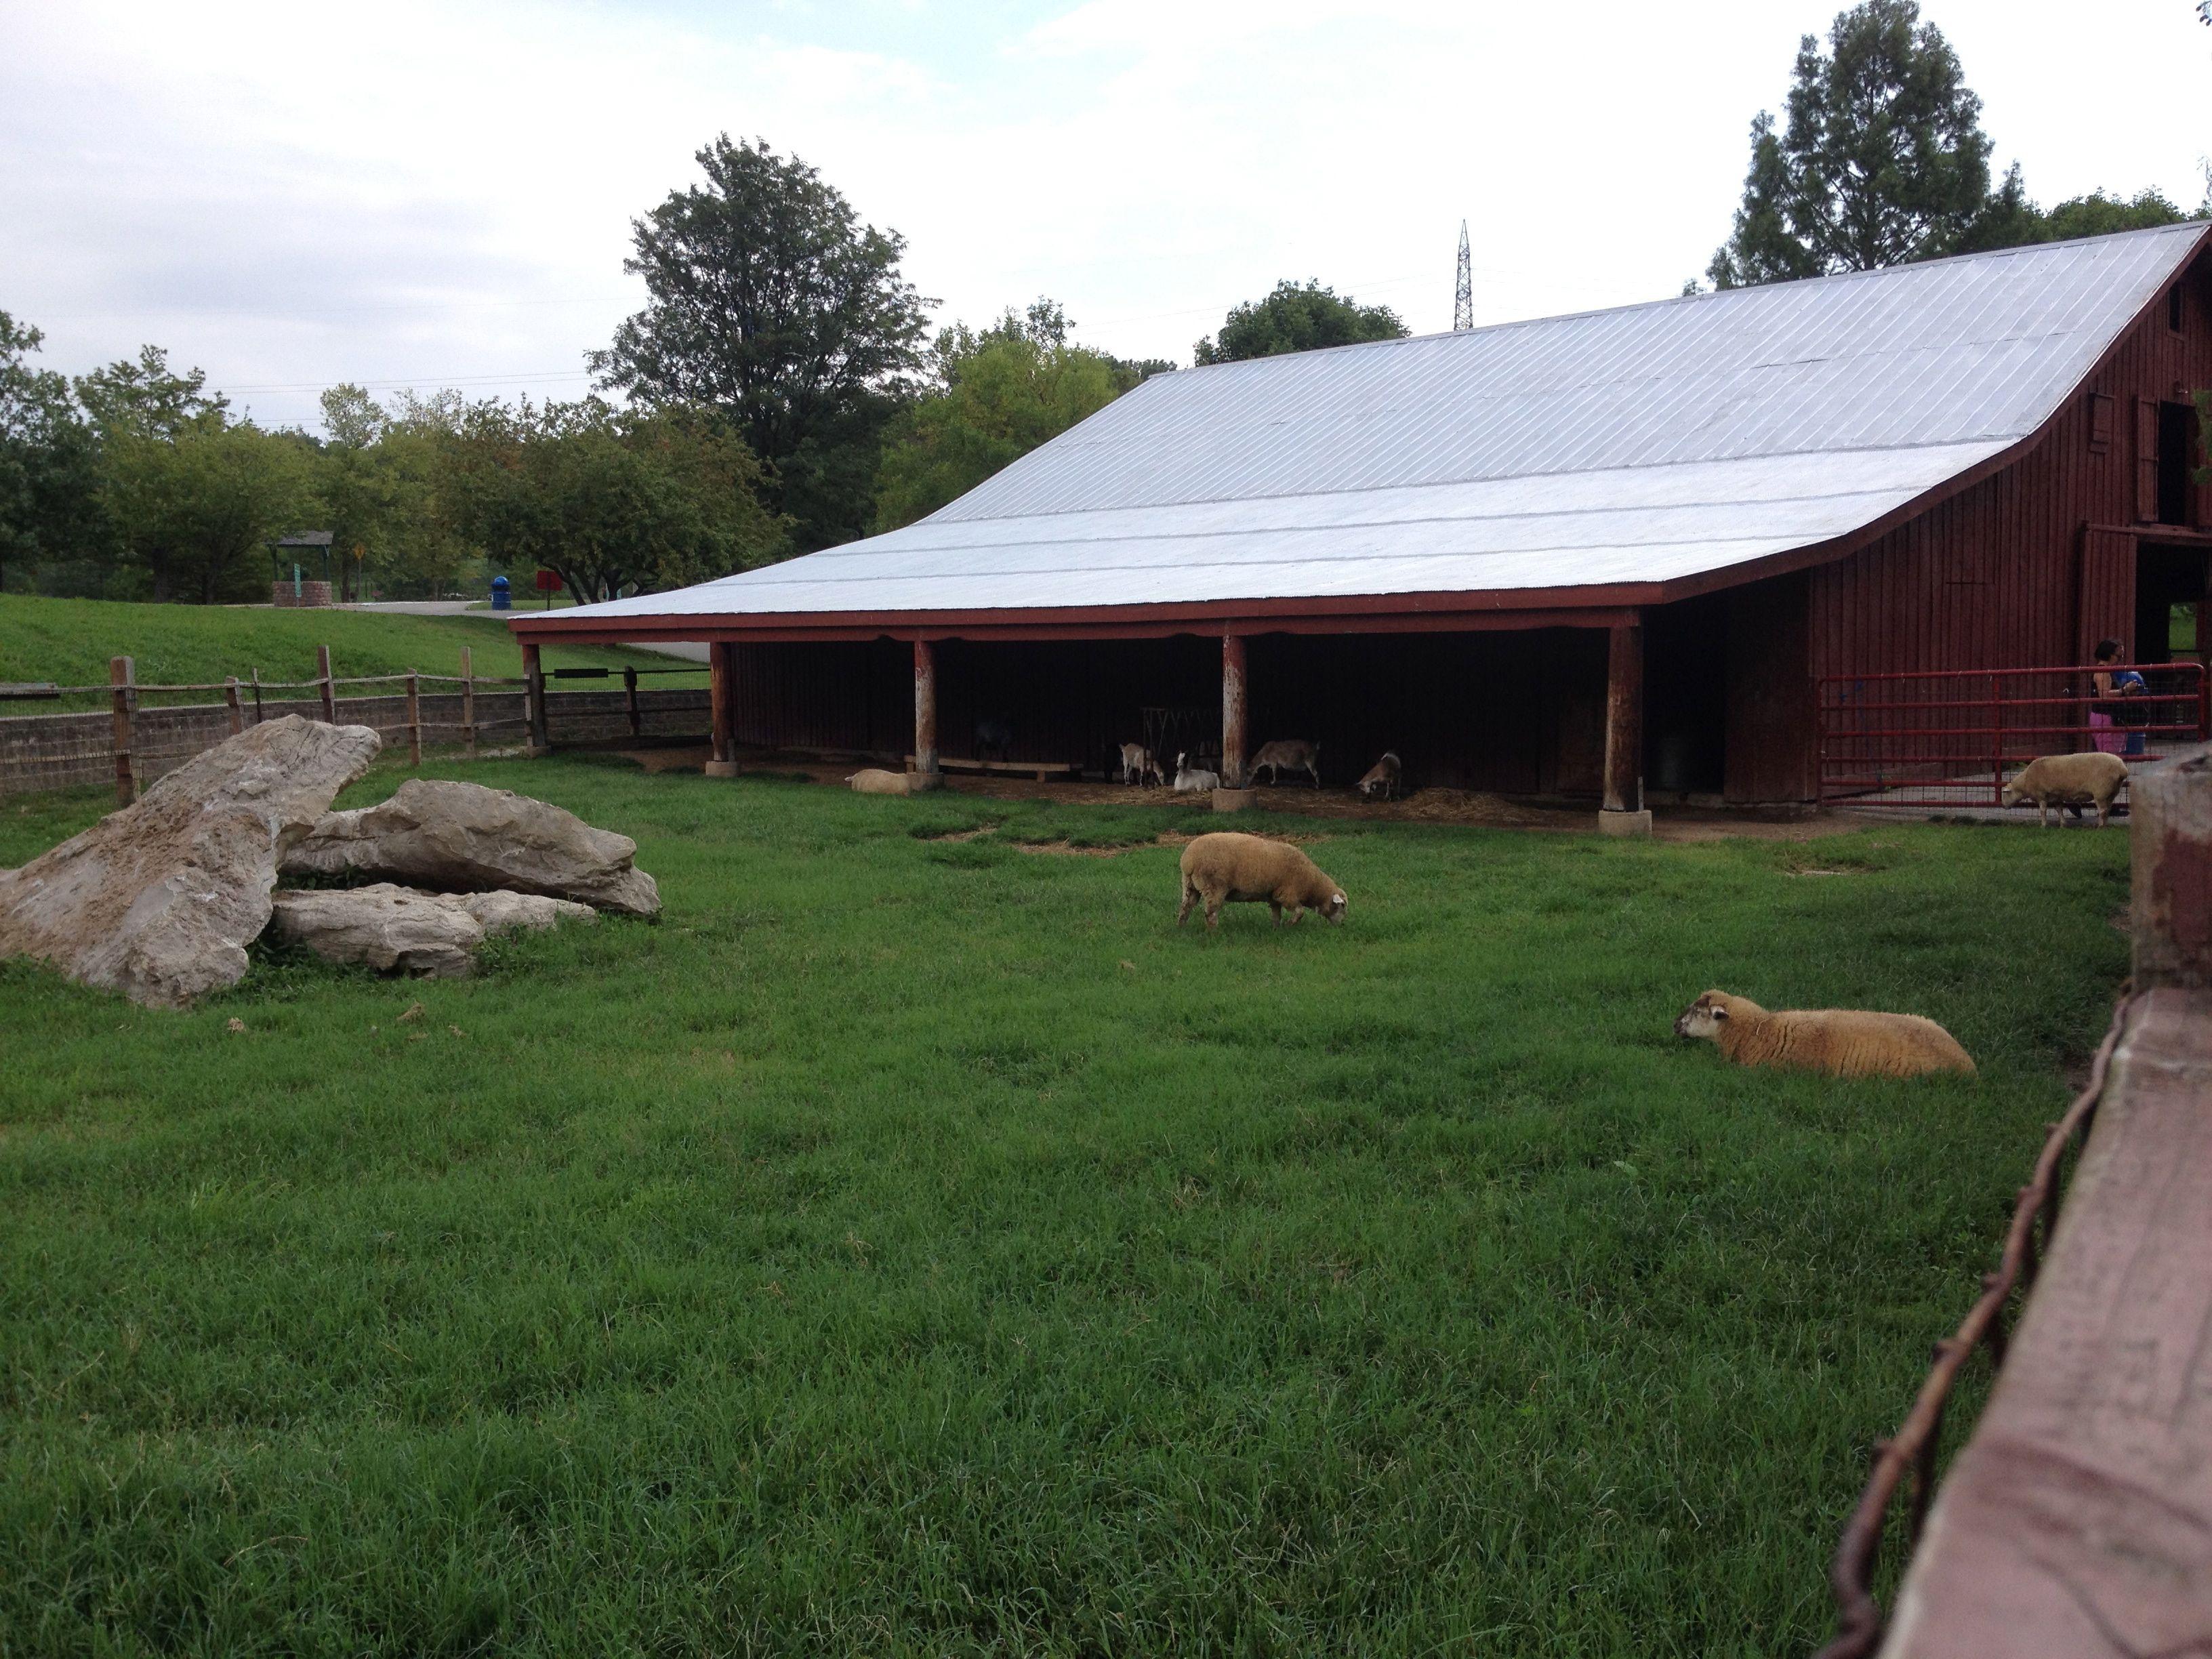 Sheep at Suson Park Animal Farm